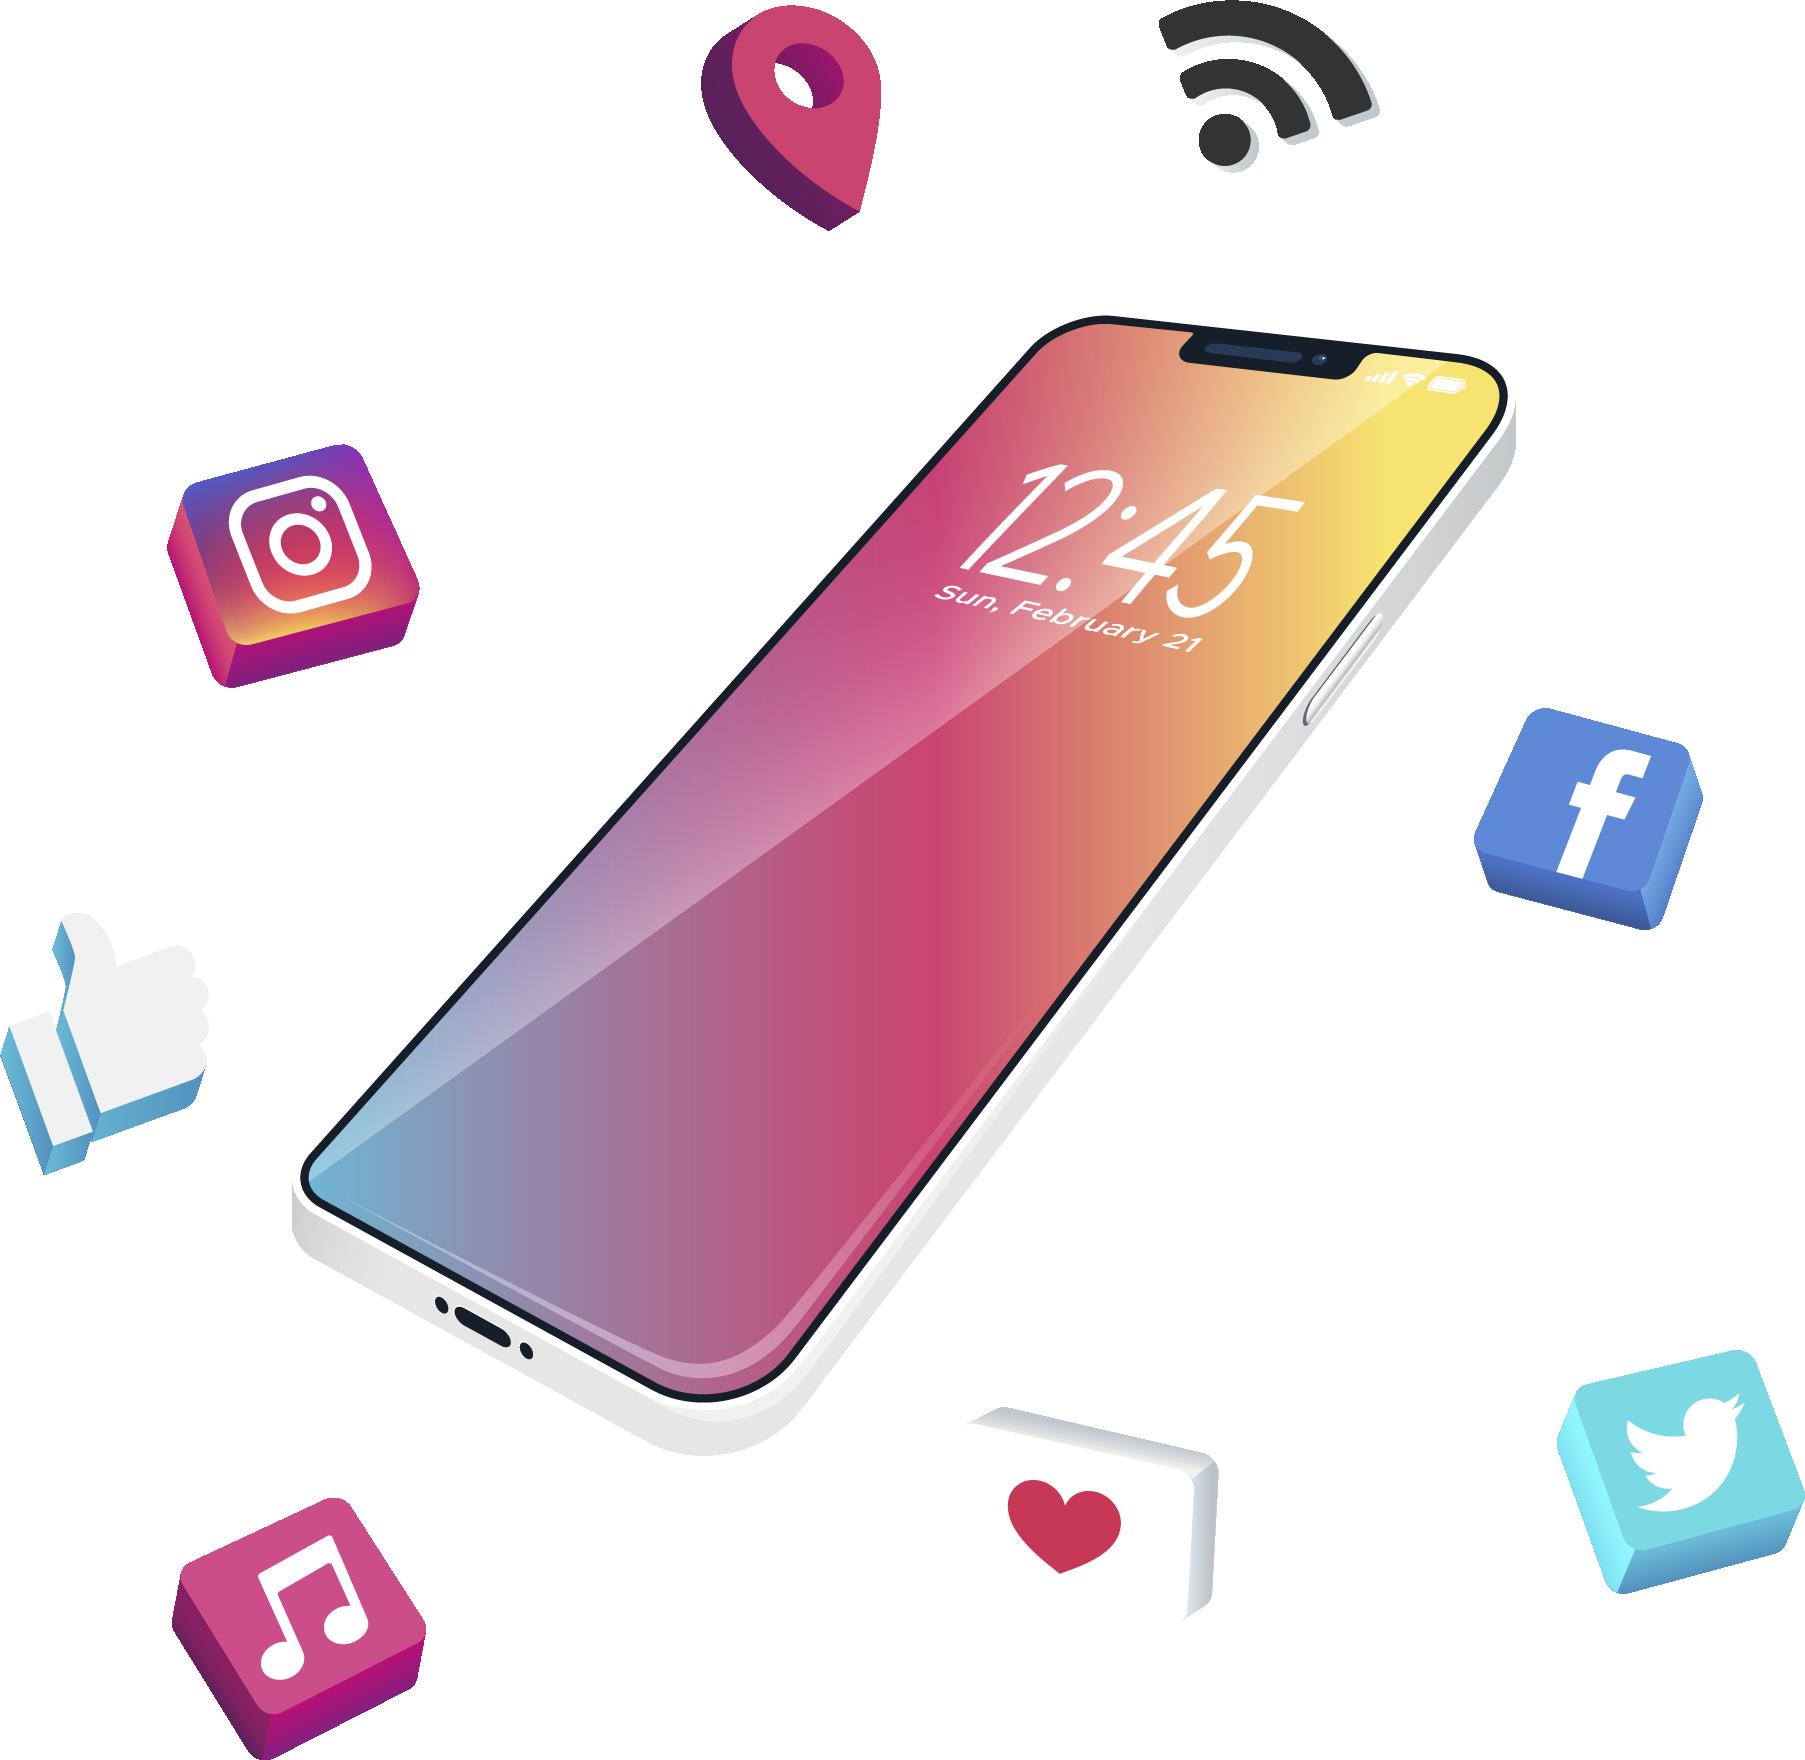 infinidad social media servicios